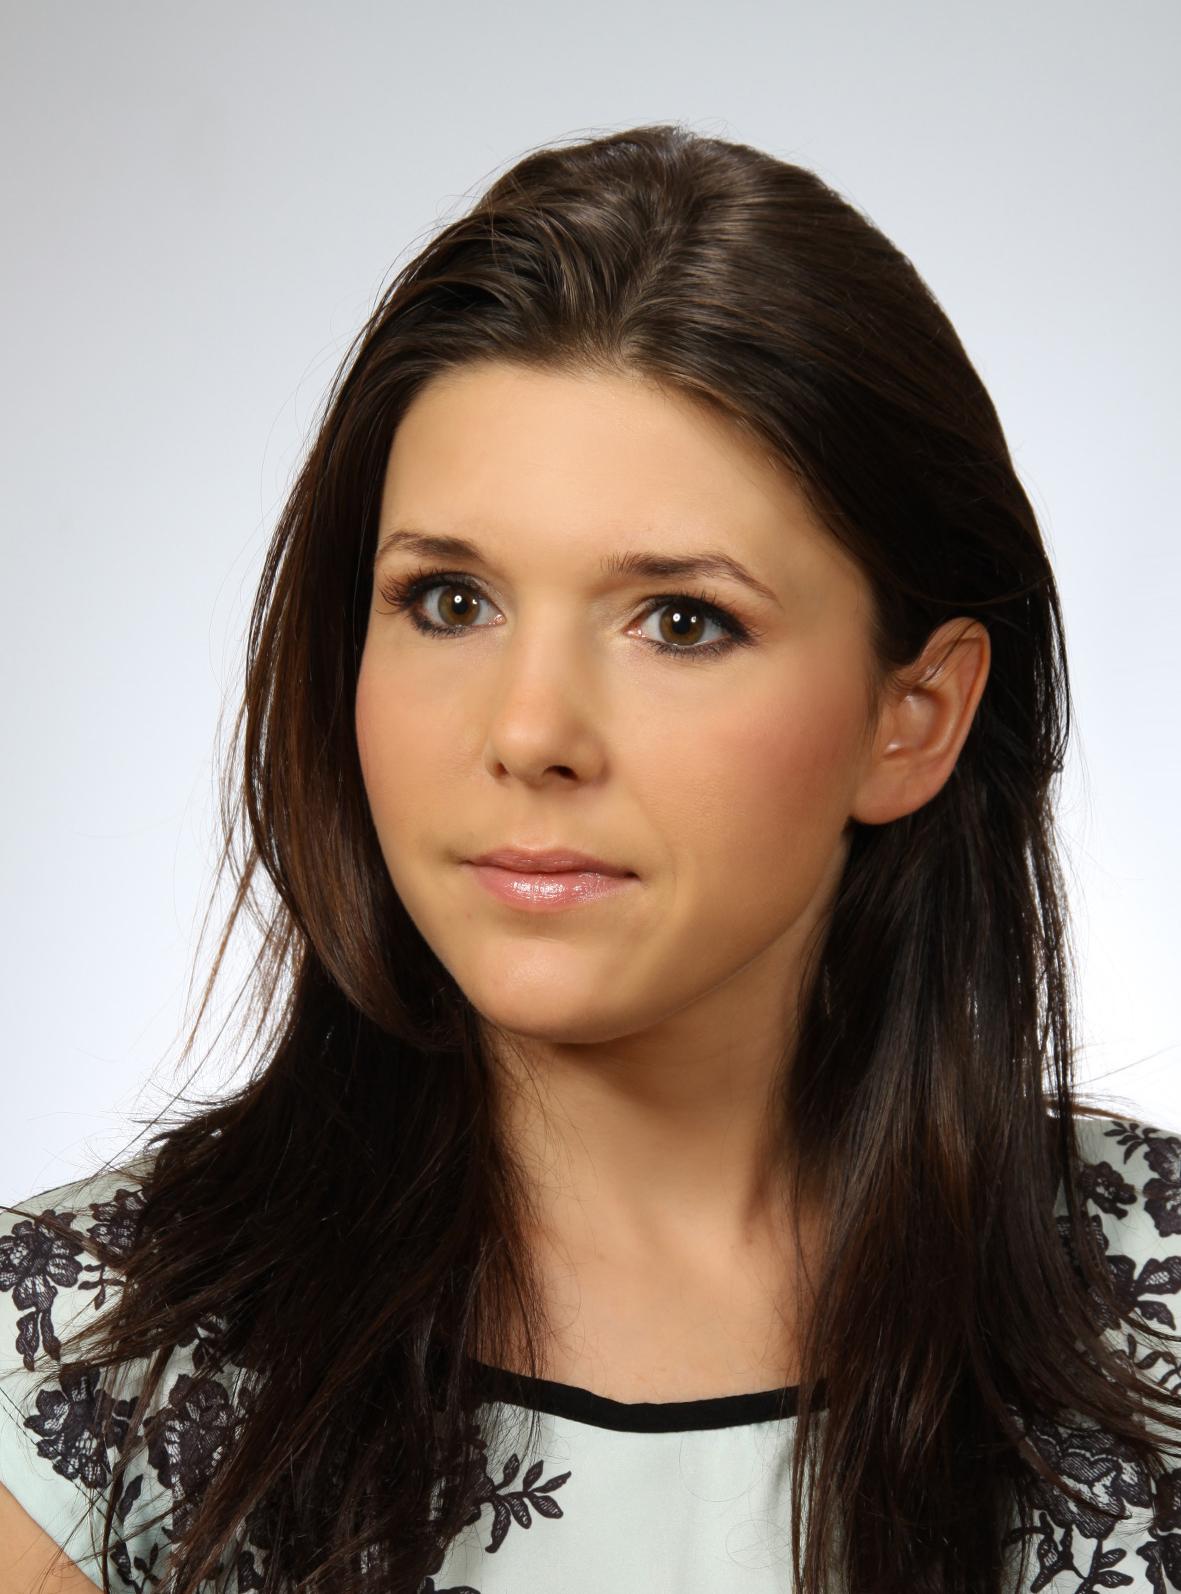 aanna lukasik Anna łukasik została ponownie powołana na stanowisko podsekretarza stanu w  ministerstwie zdrowia - potwierdził rzecznik prasowy resortu.